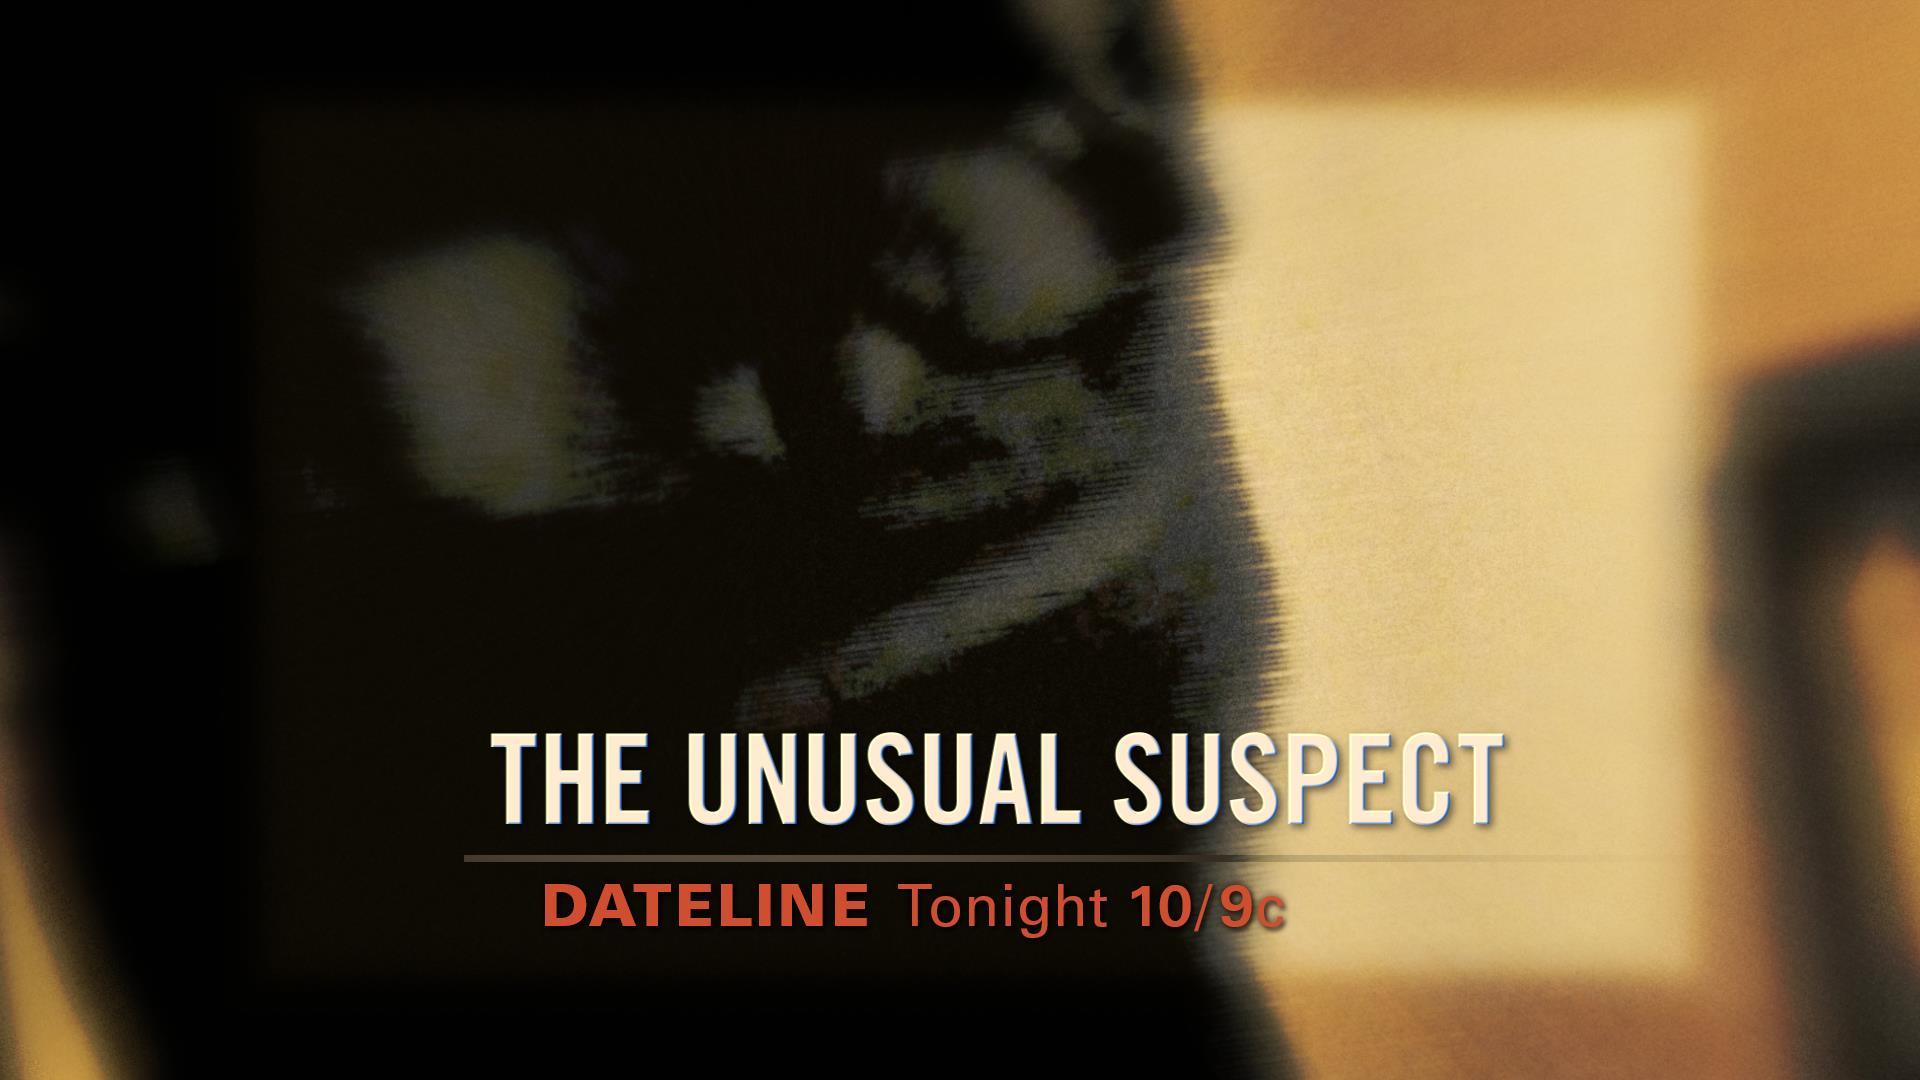 SNEAK PEEK: The Unusual Suspect